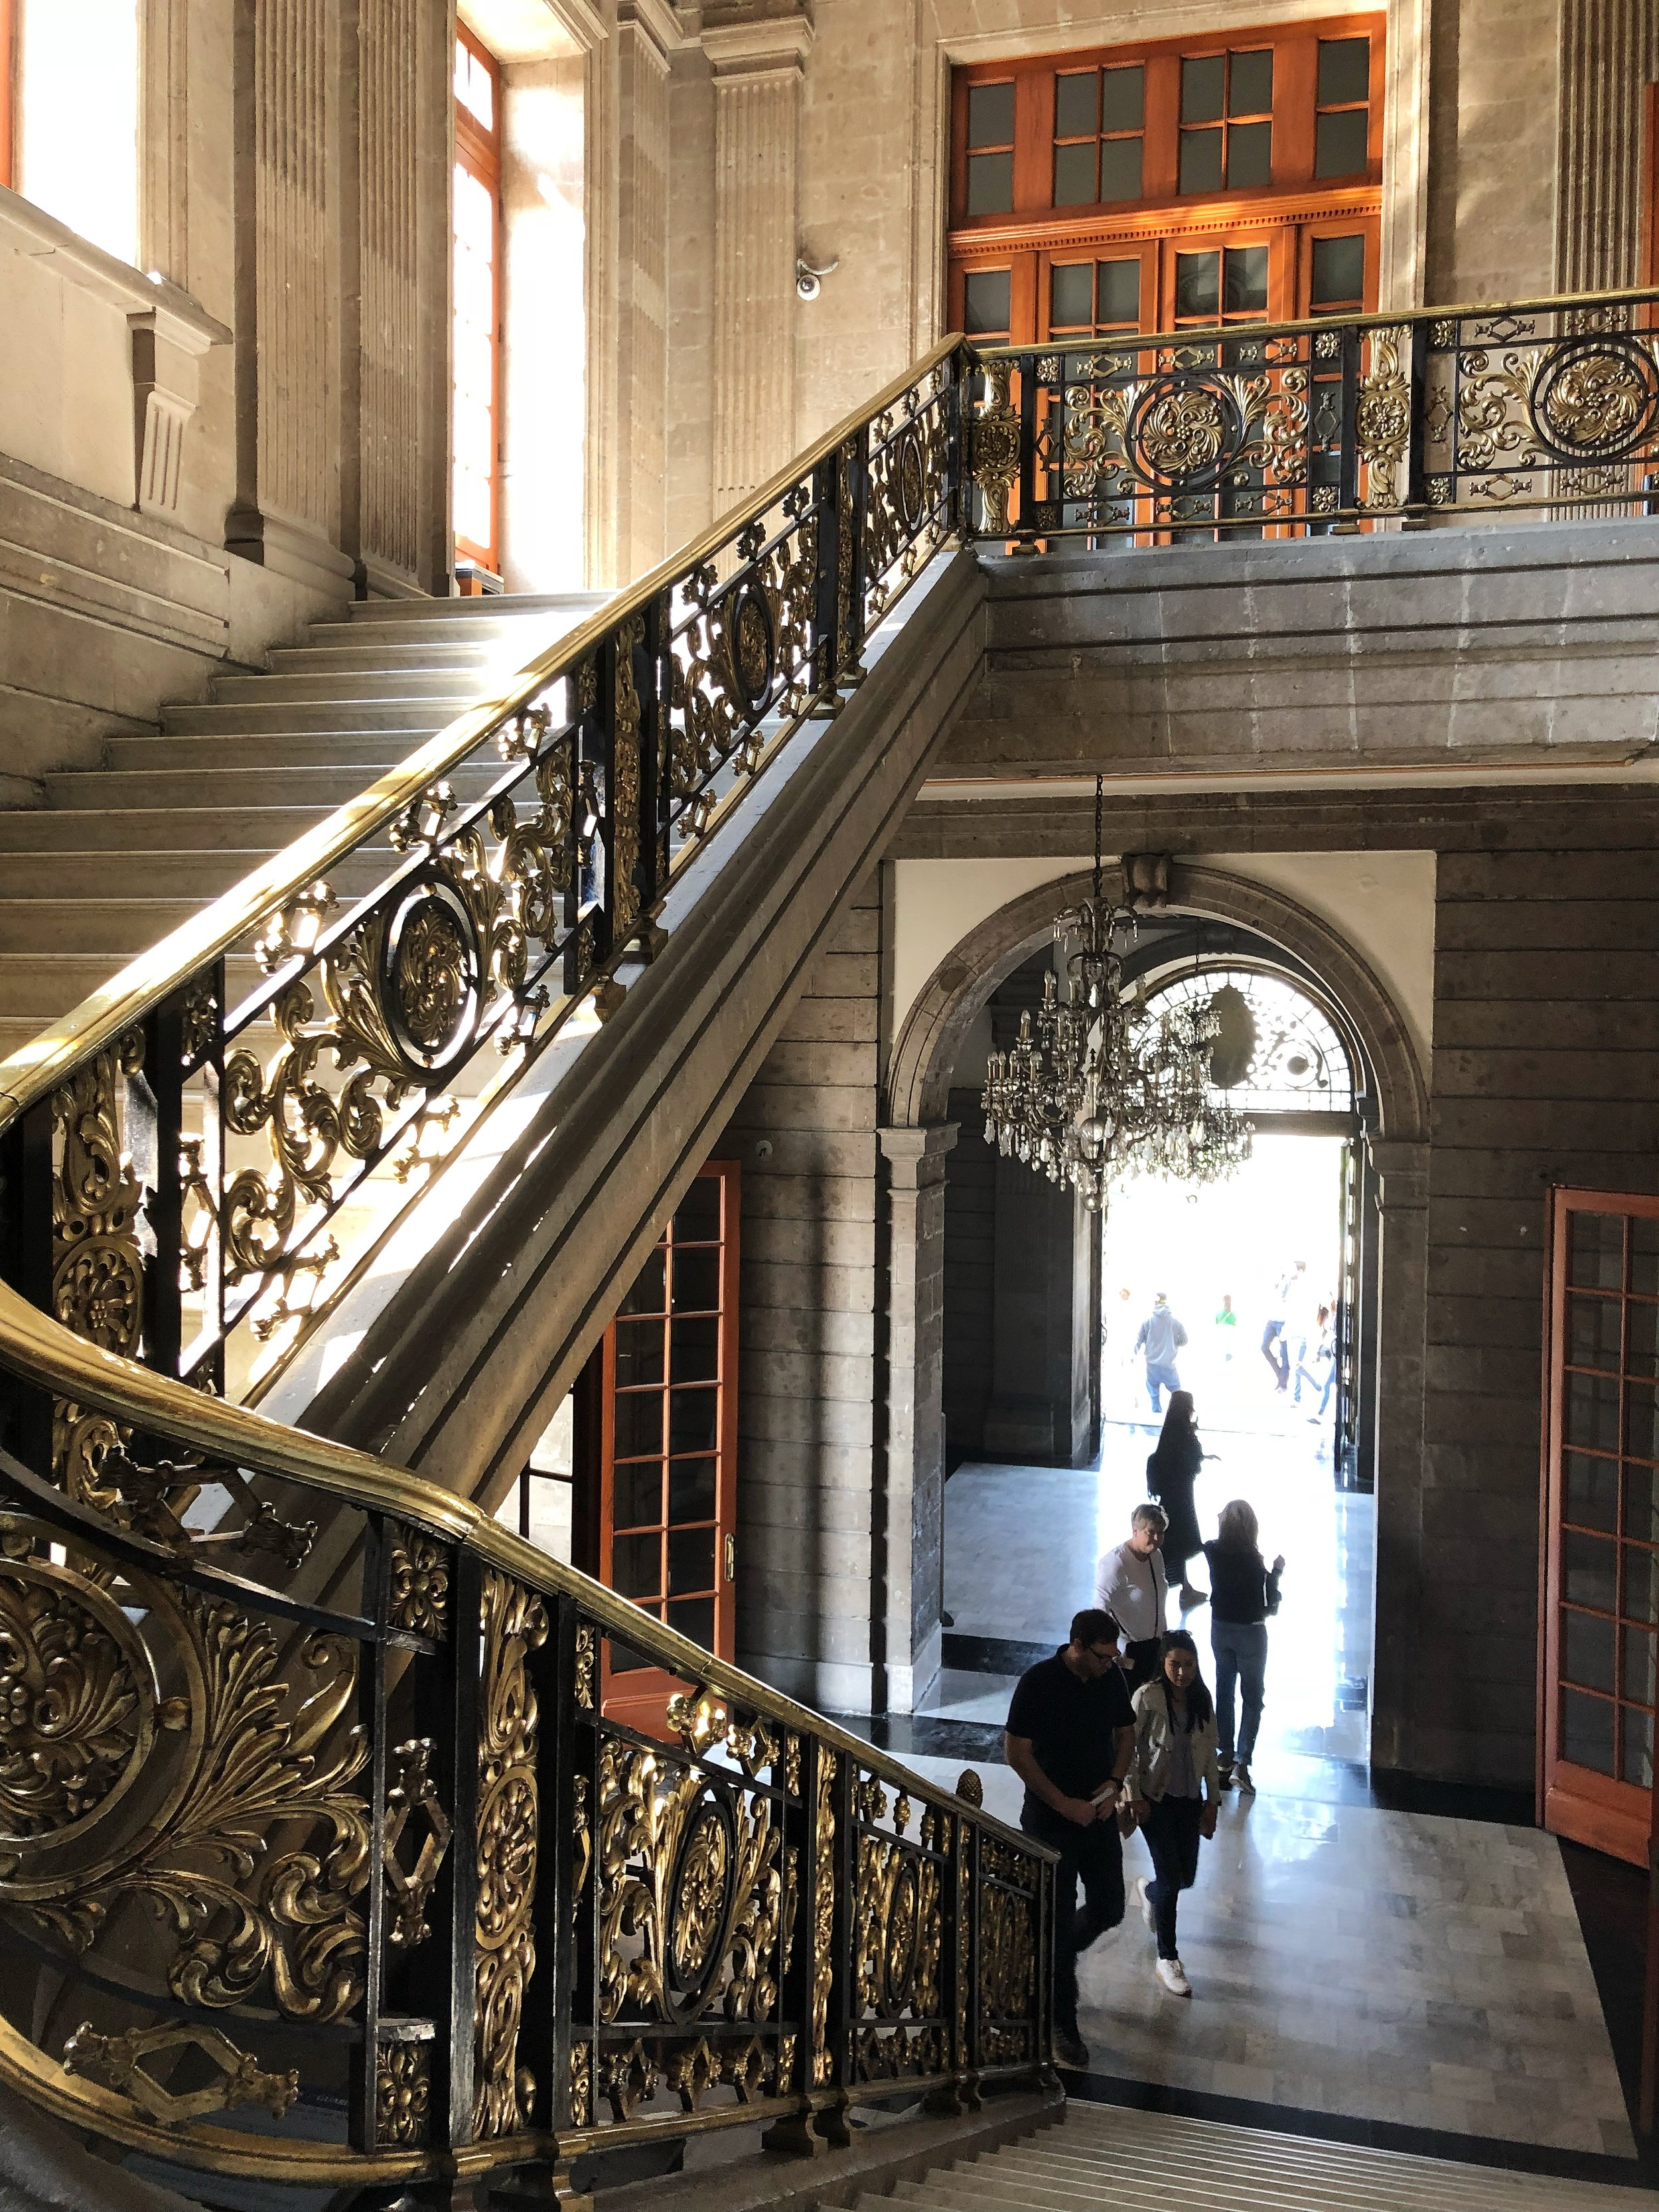 Inside the  Castillo de Chapultepec